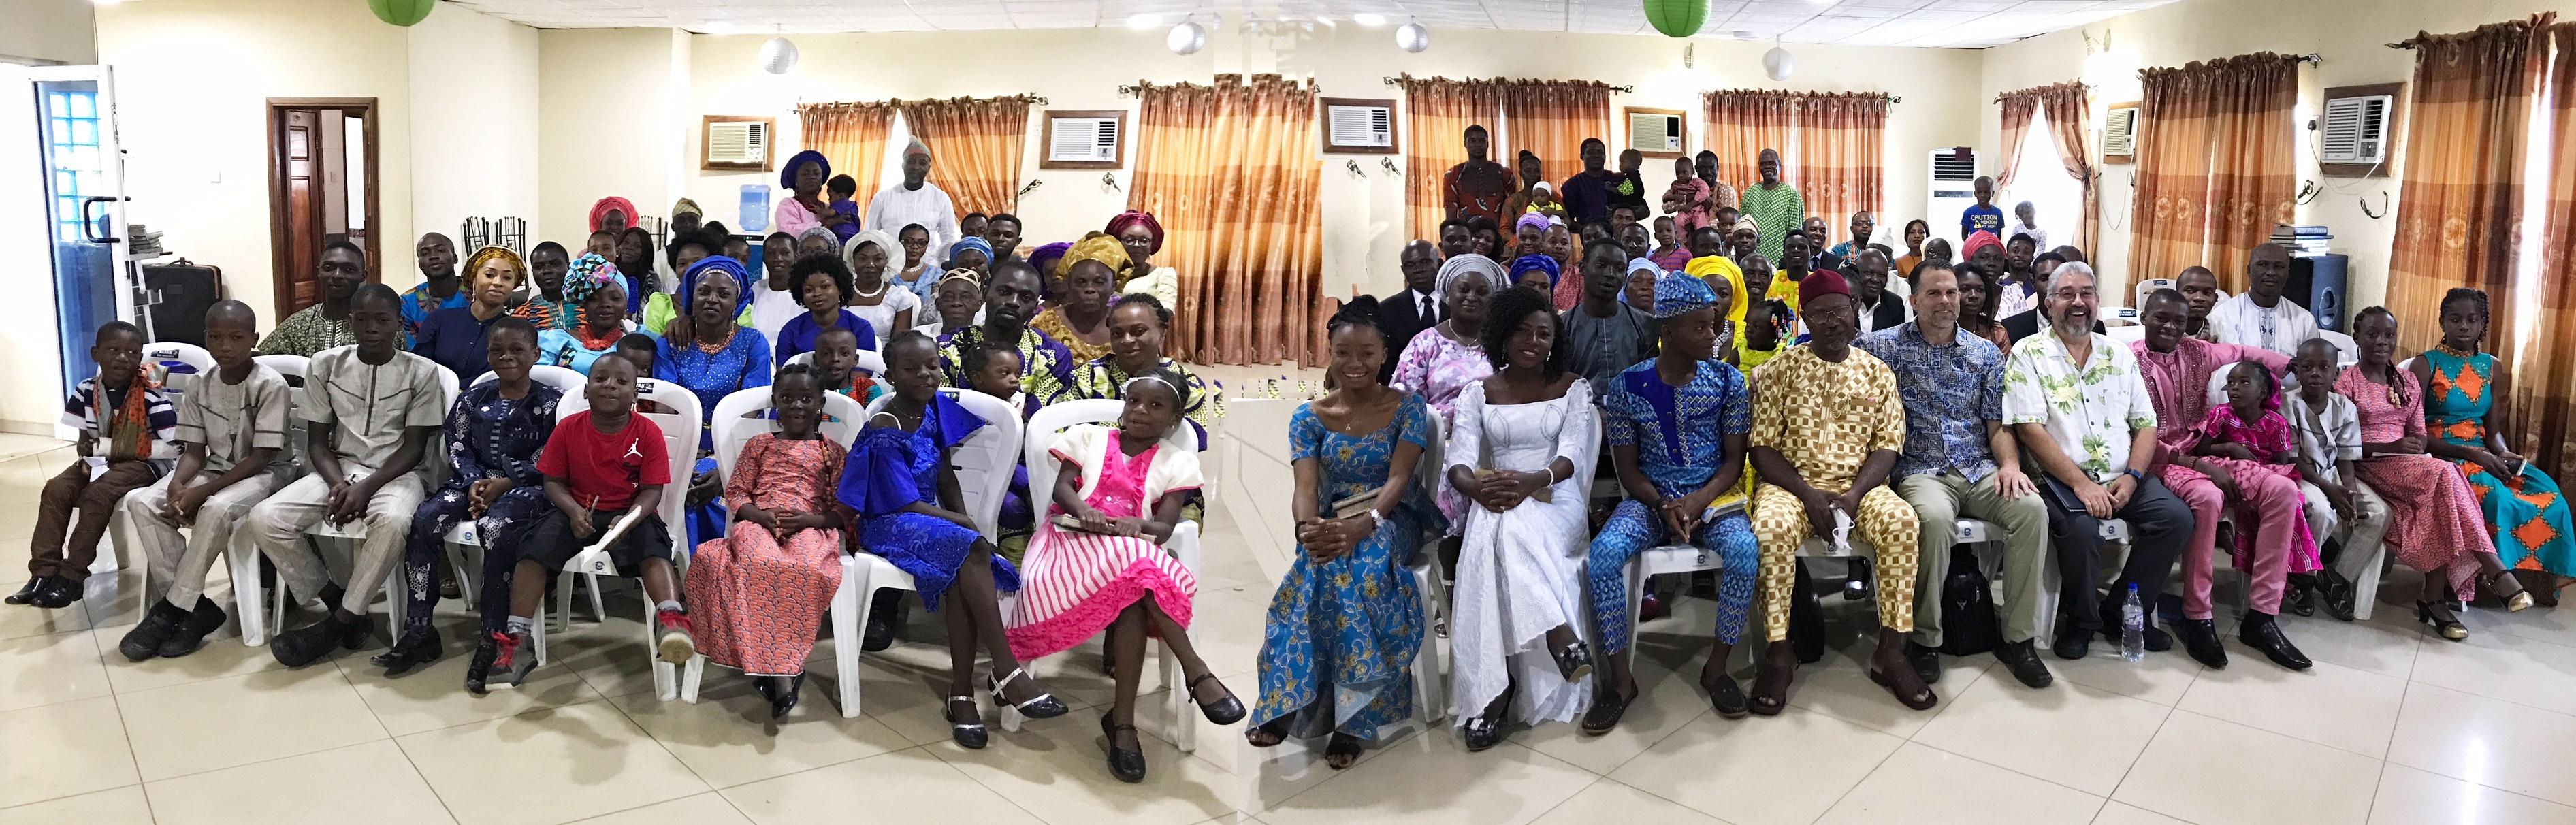 Igbara-Oke, Nigeria